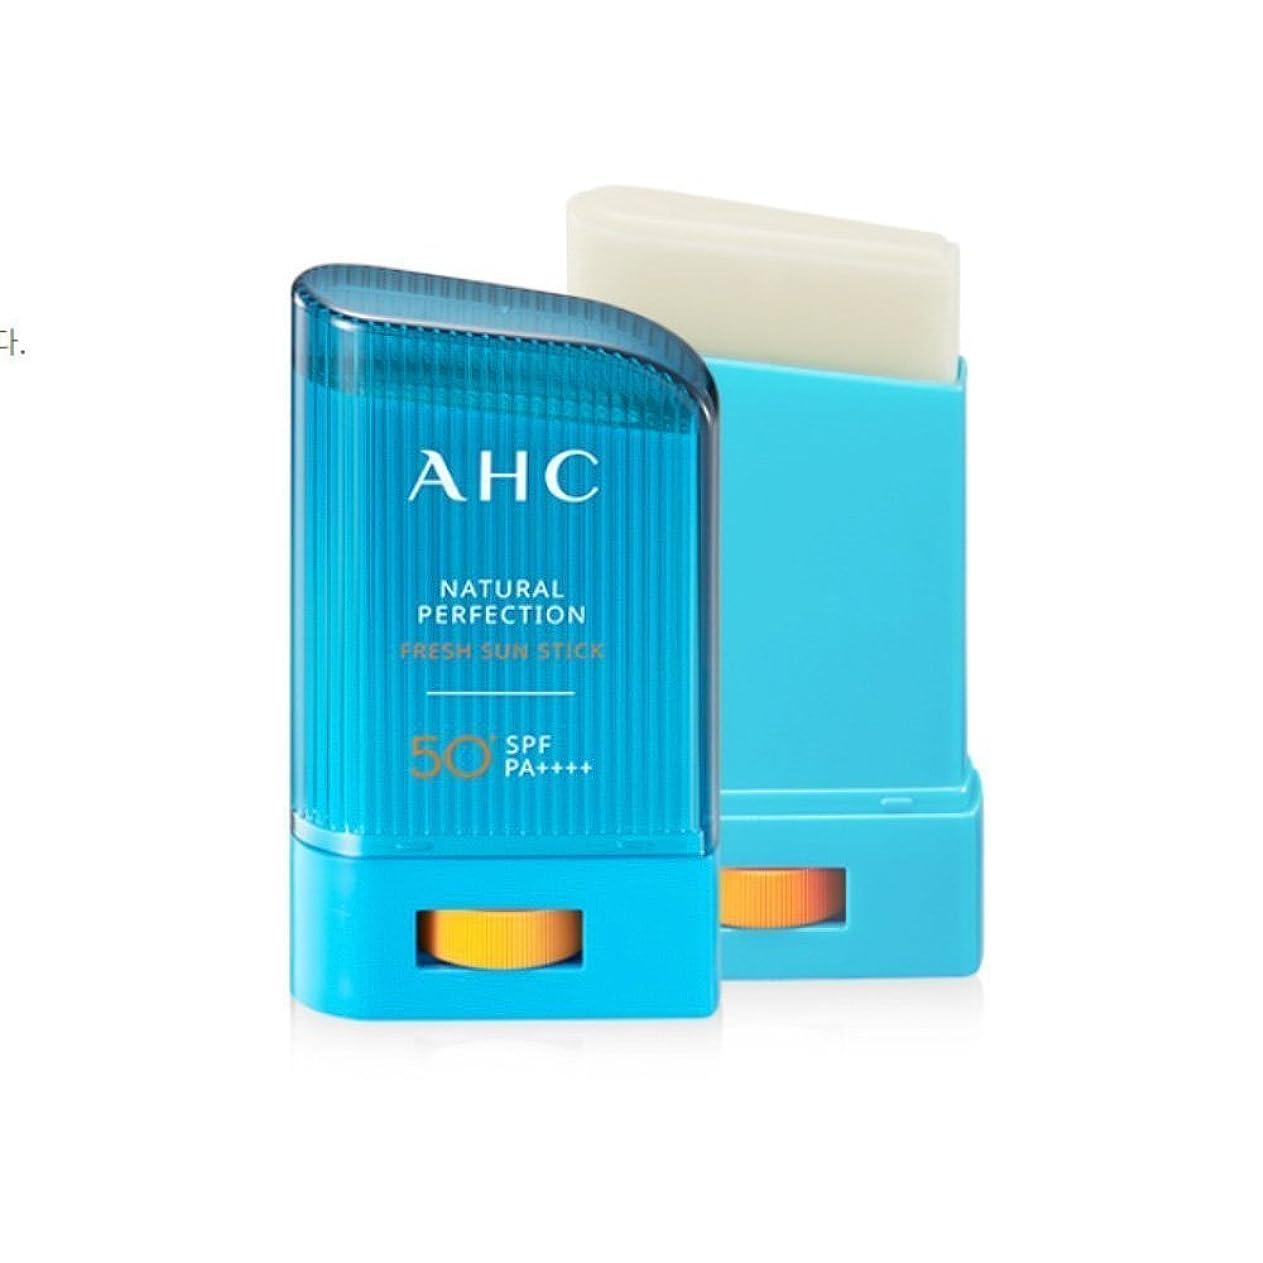 ビールまだスナック[1+1] AHC Natural Perfection Fresh Sun Stick ナチュラルパーフェクションフレッシュサンスティック 22g * 2個 [並行輸入品]